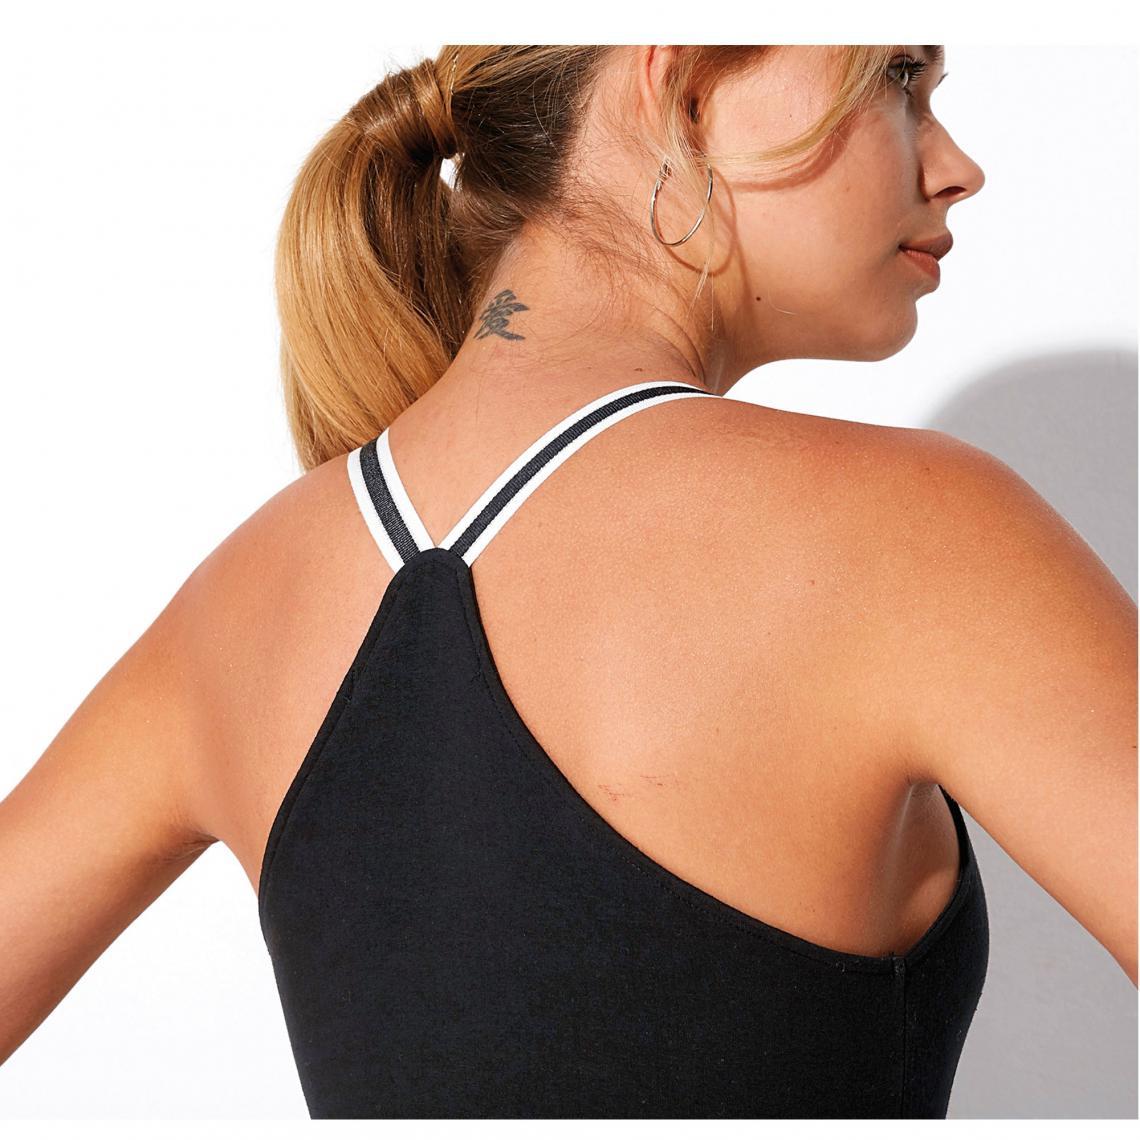 50251c510699 T-shirt sport 3 SUISSES Cliquez l'image pour l'agrandir. Tee-shirt fitness  dos nageur bretelles élastiques femme - Noir ...